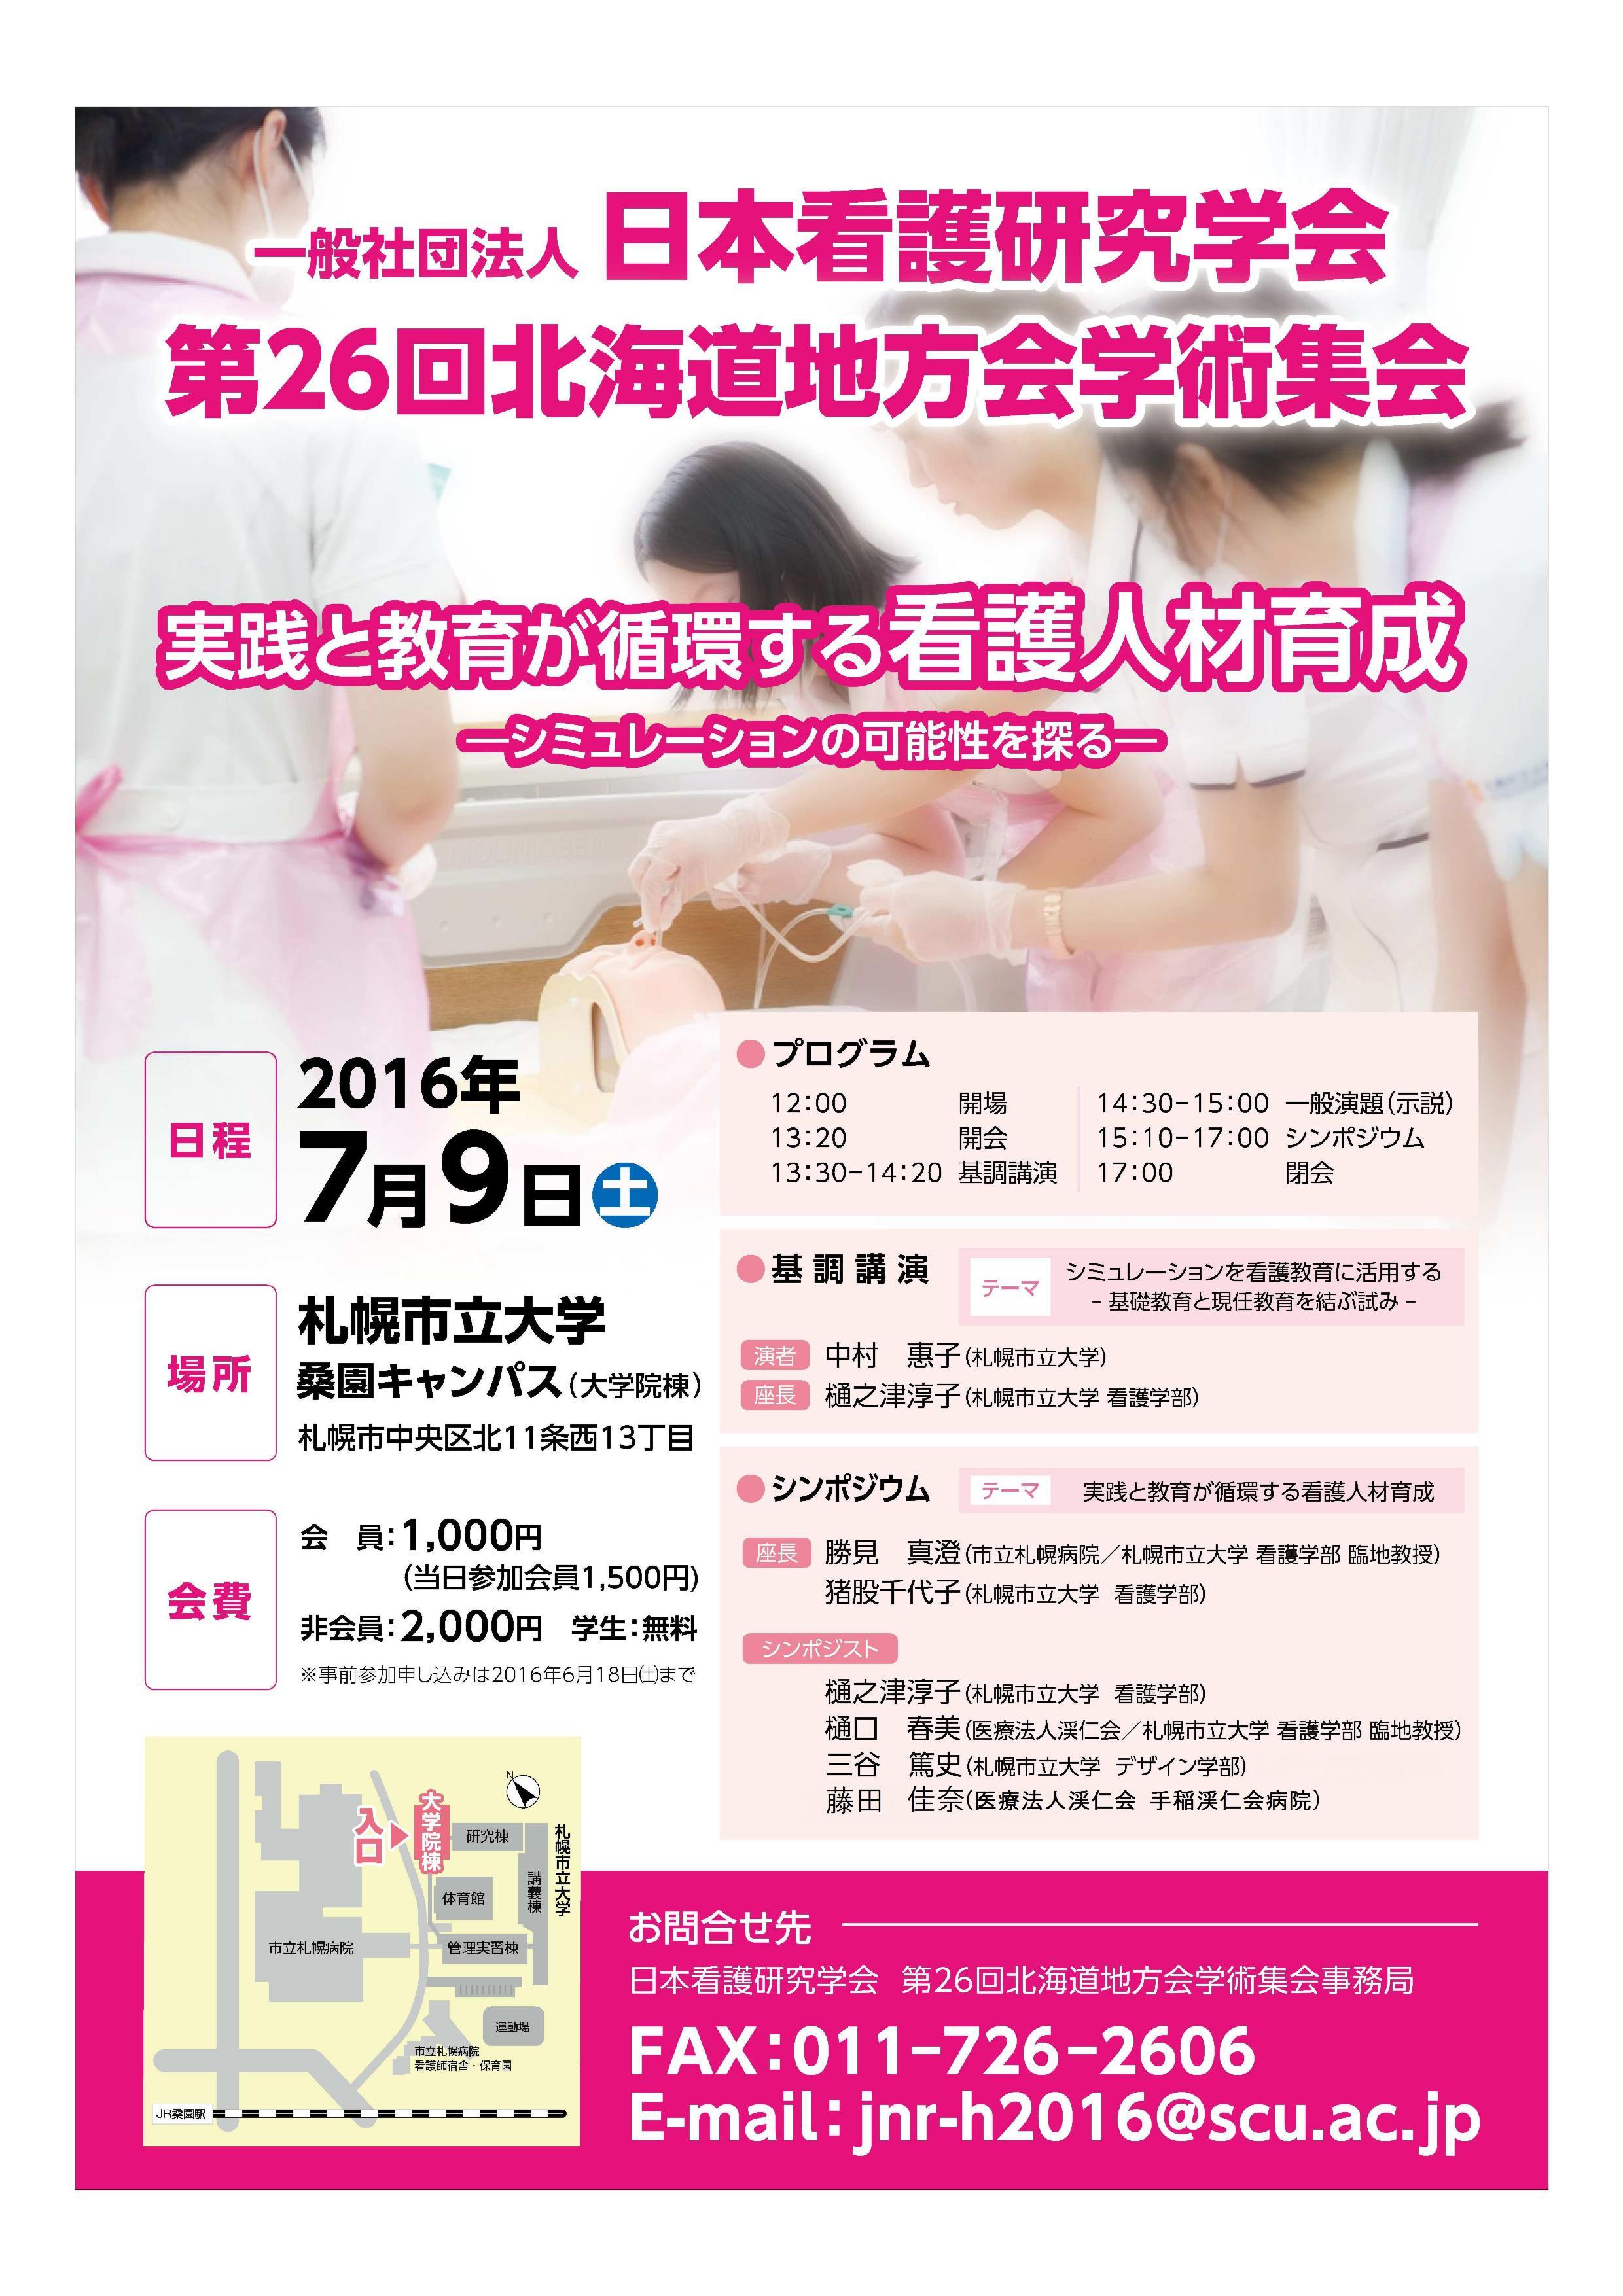 http://www.jsnr.jp/district/hokkaido/%E7%AC%AC26%E5%9B%9E%E3%83%81%E3%83%A9%E3%82%B7.jpg